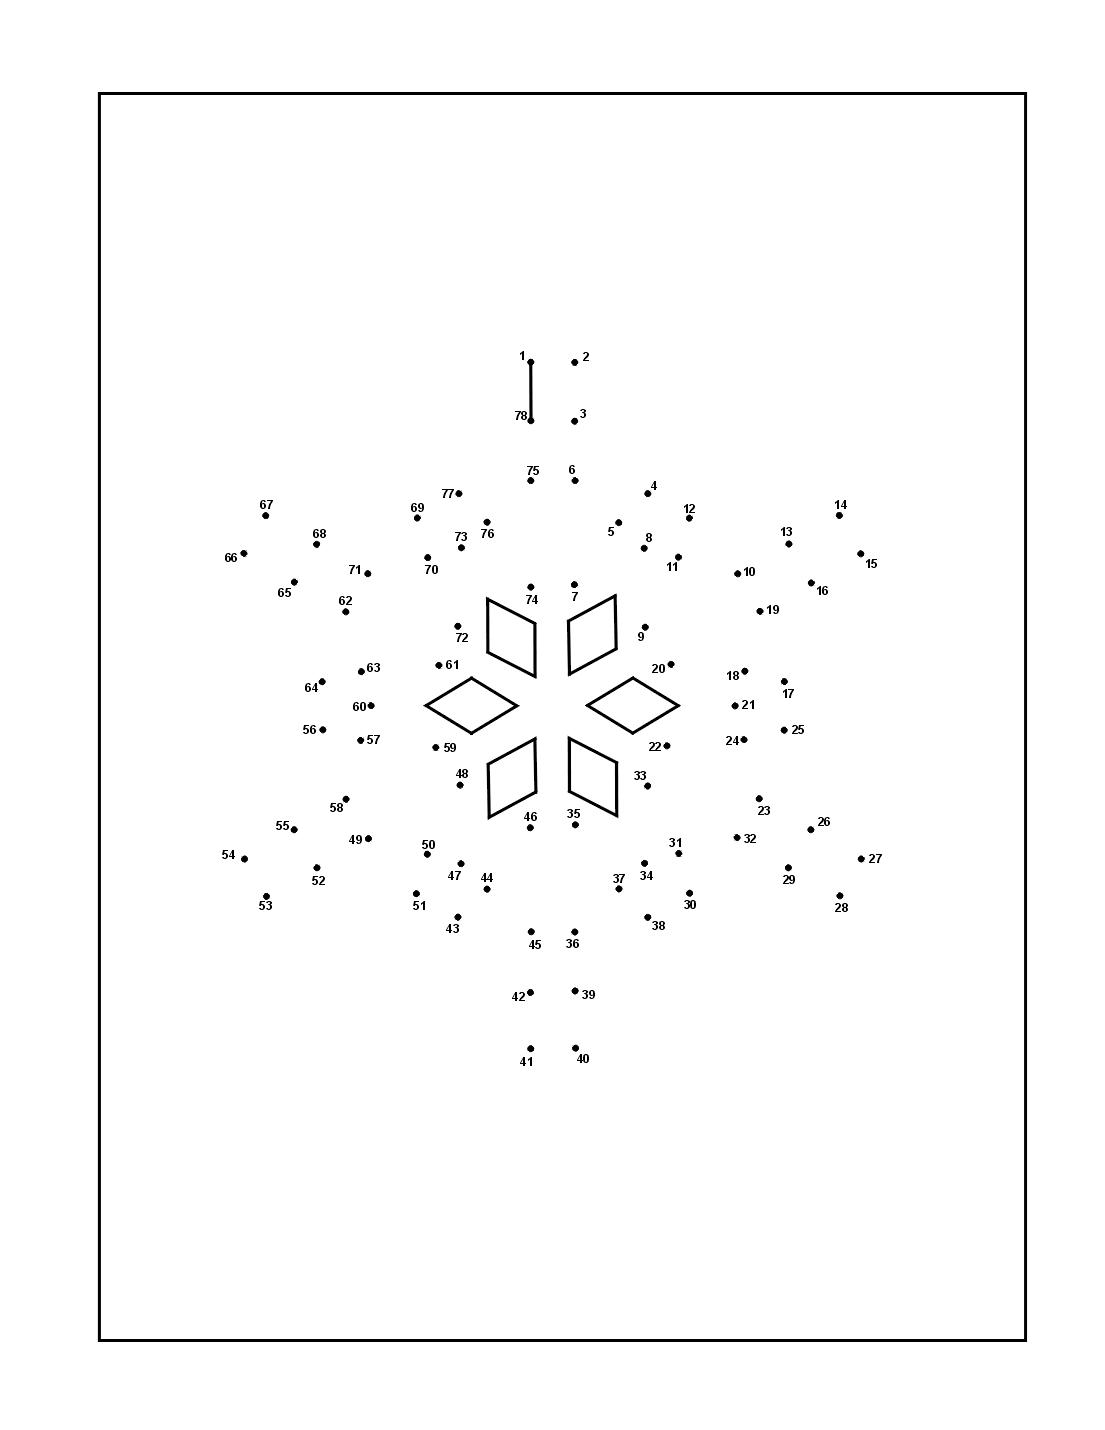 Snowflake Dot To Dot Printable